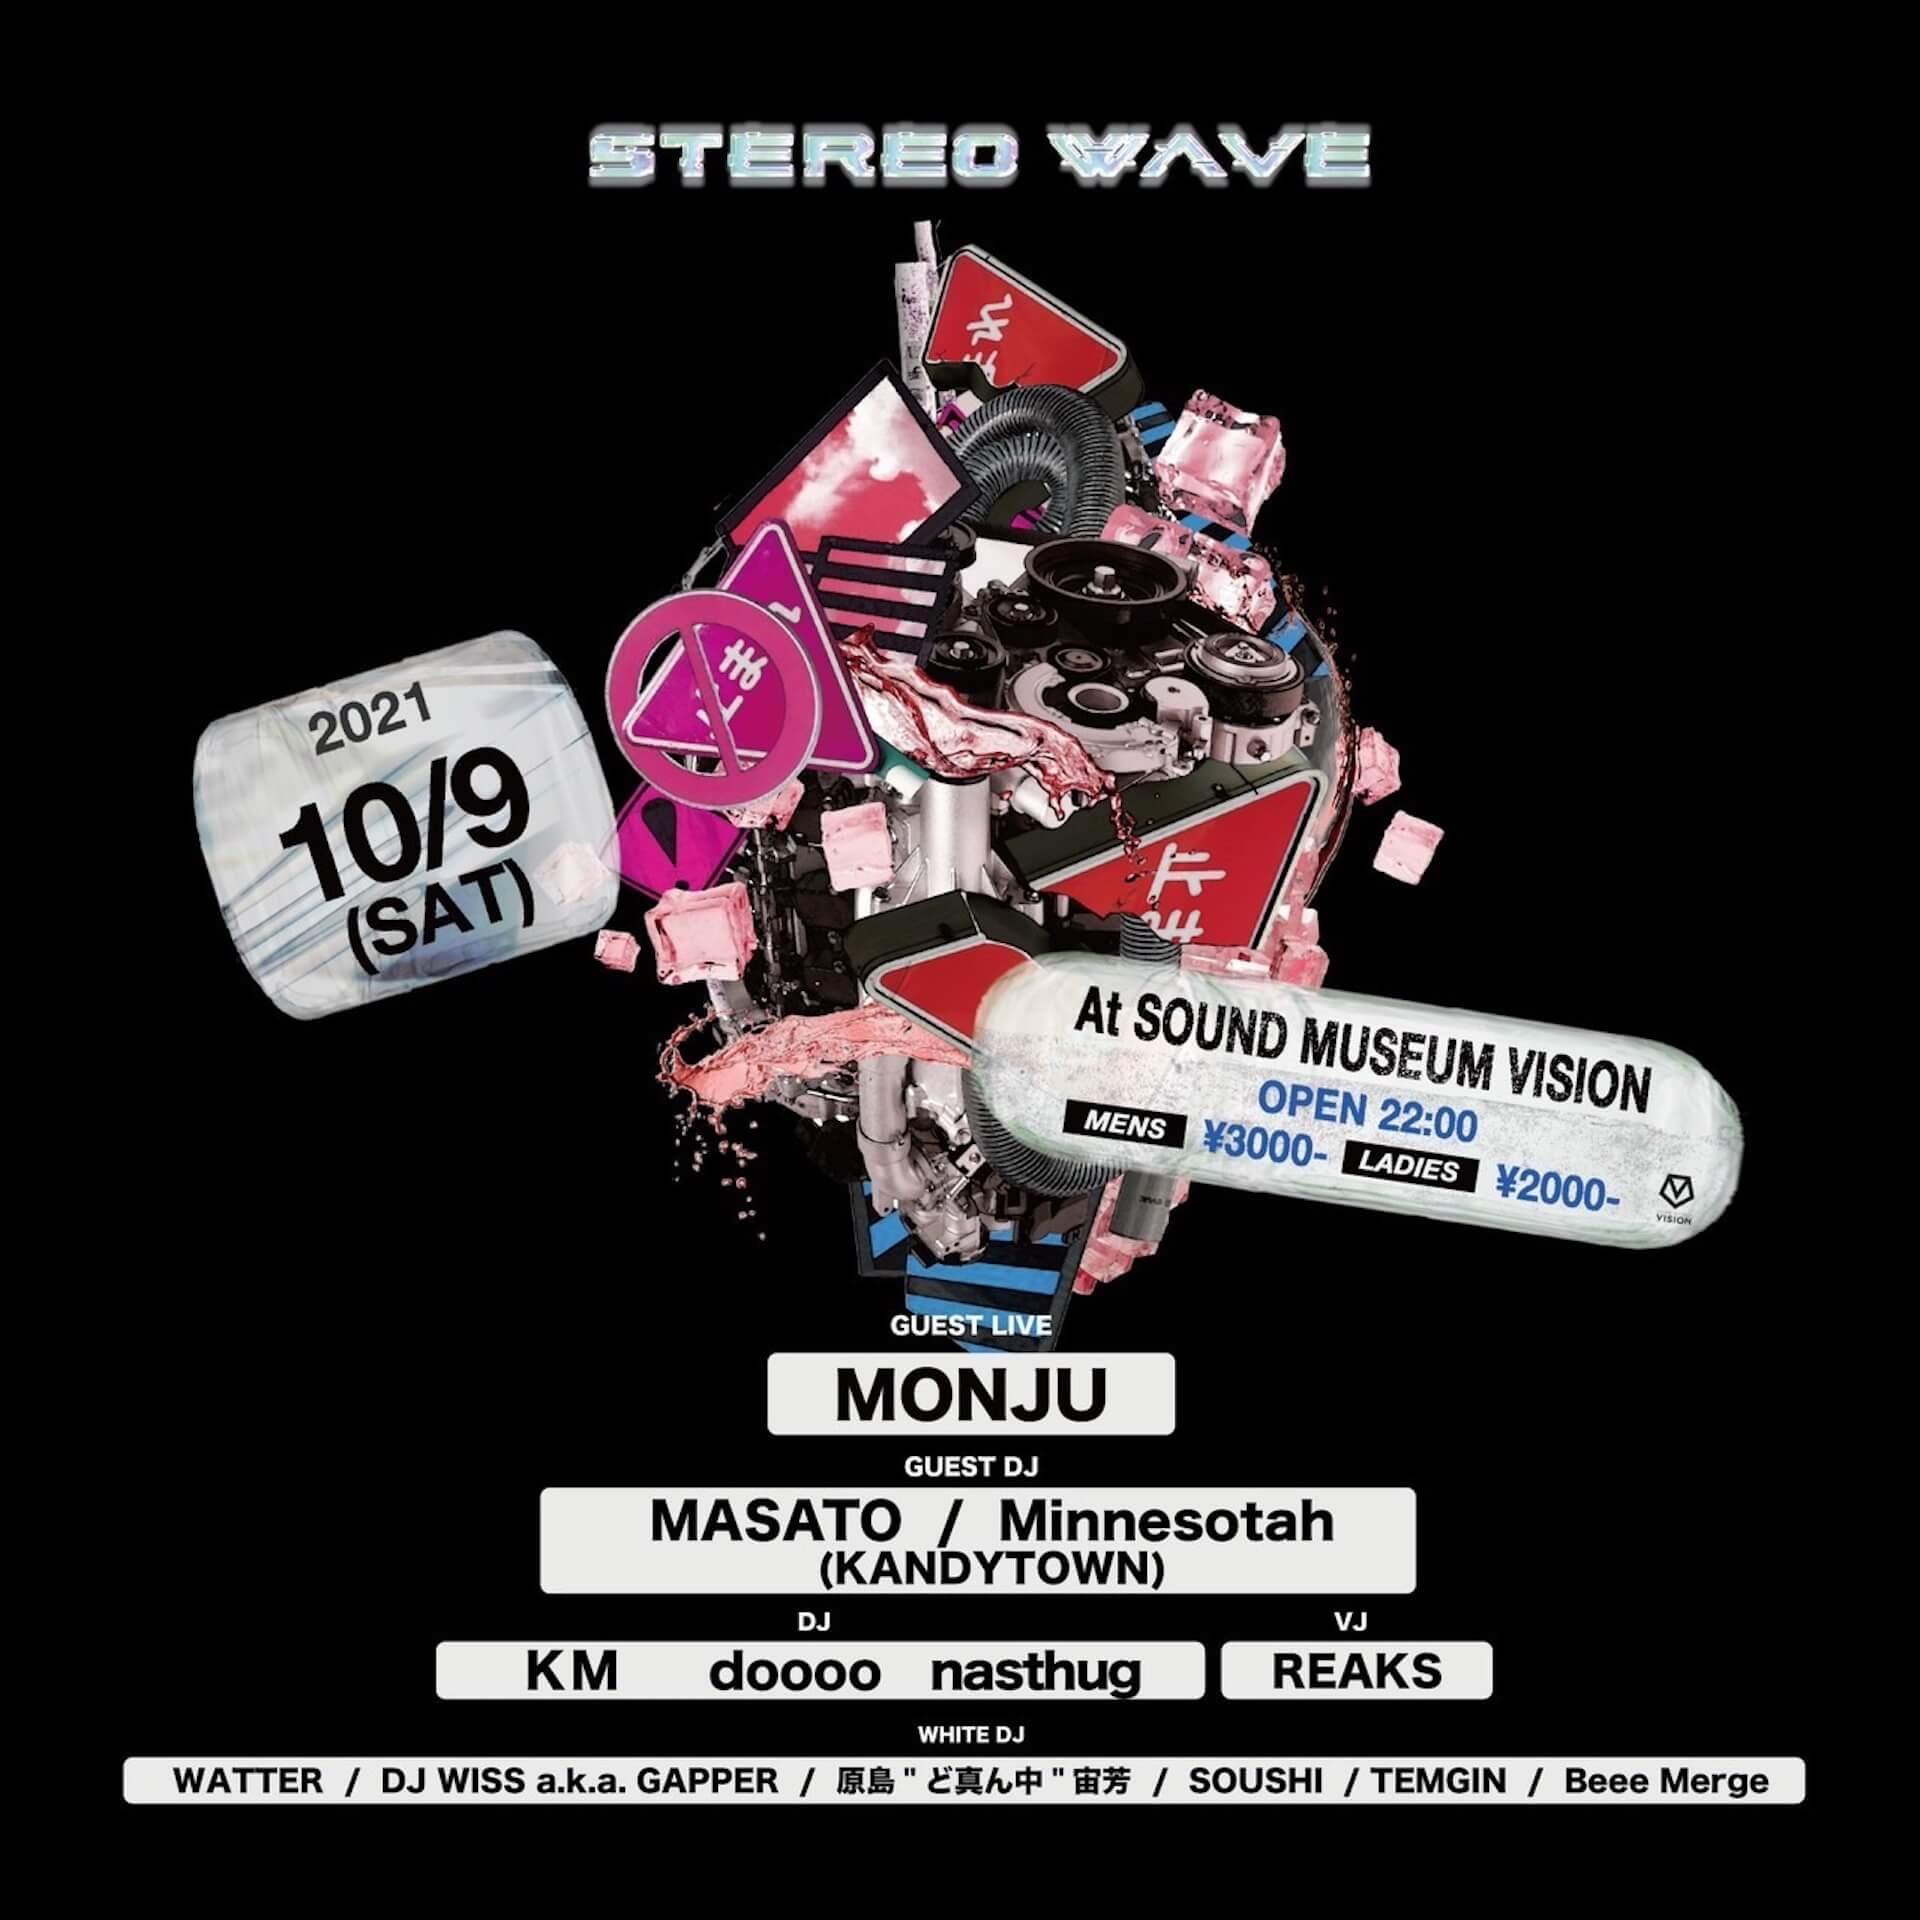 ストリートなイベント【東京】STEREO WAVE trackmaker/プロデューサーのKM、dooooがレジデントを務めるDOPEなHIPHOPパーティーが開催!